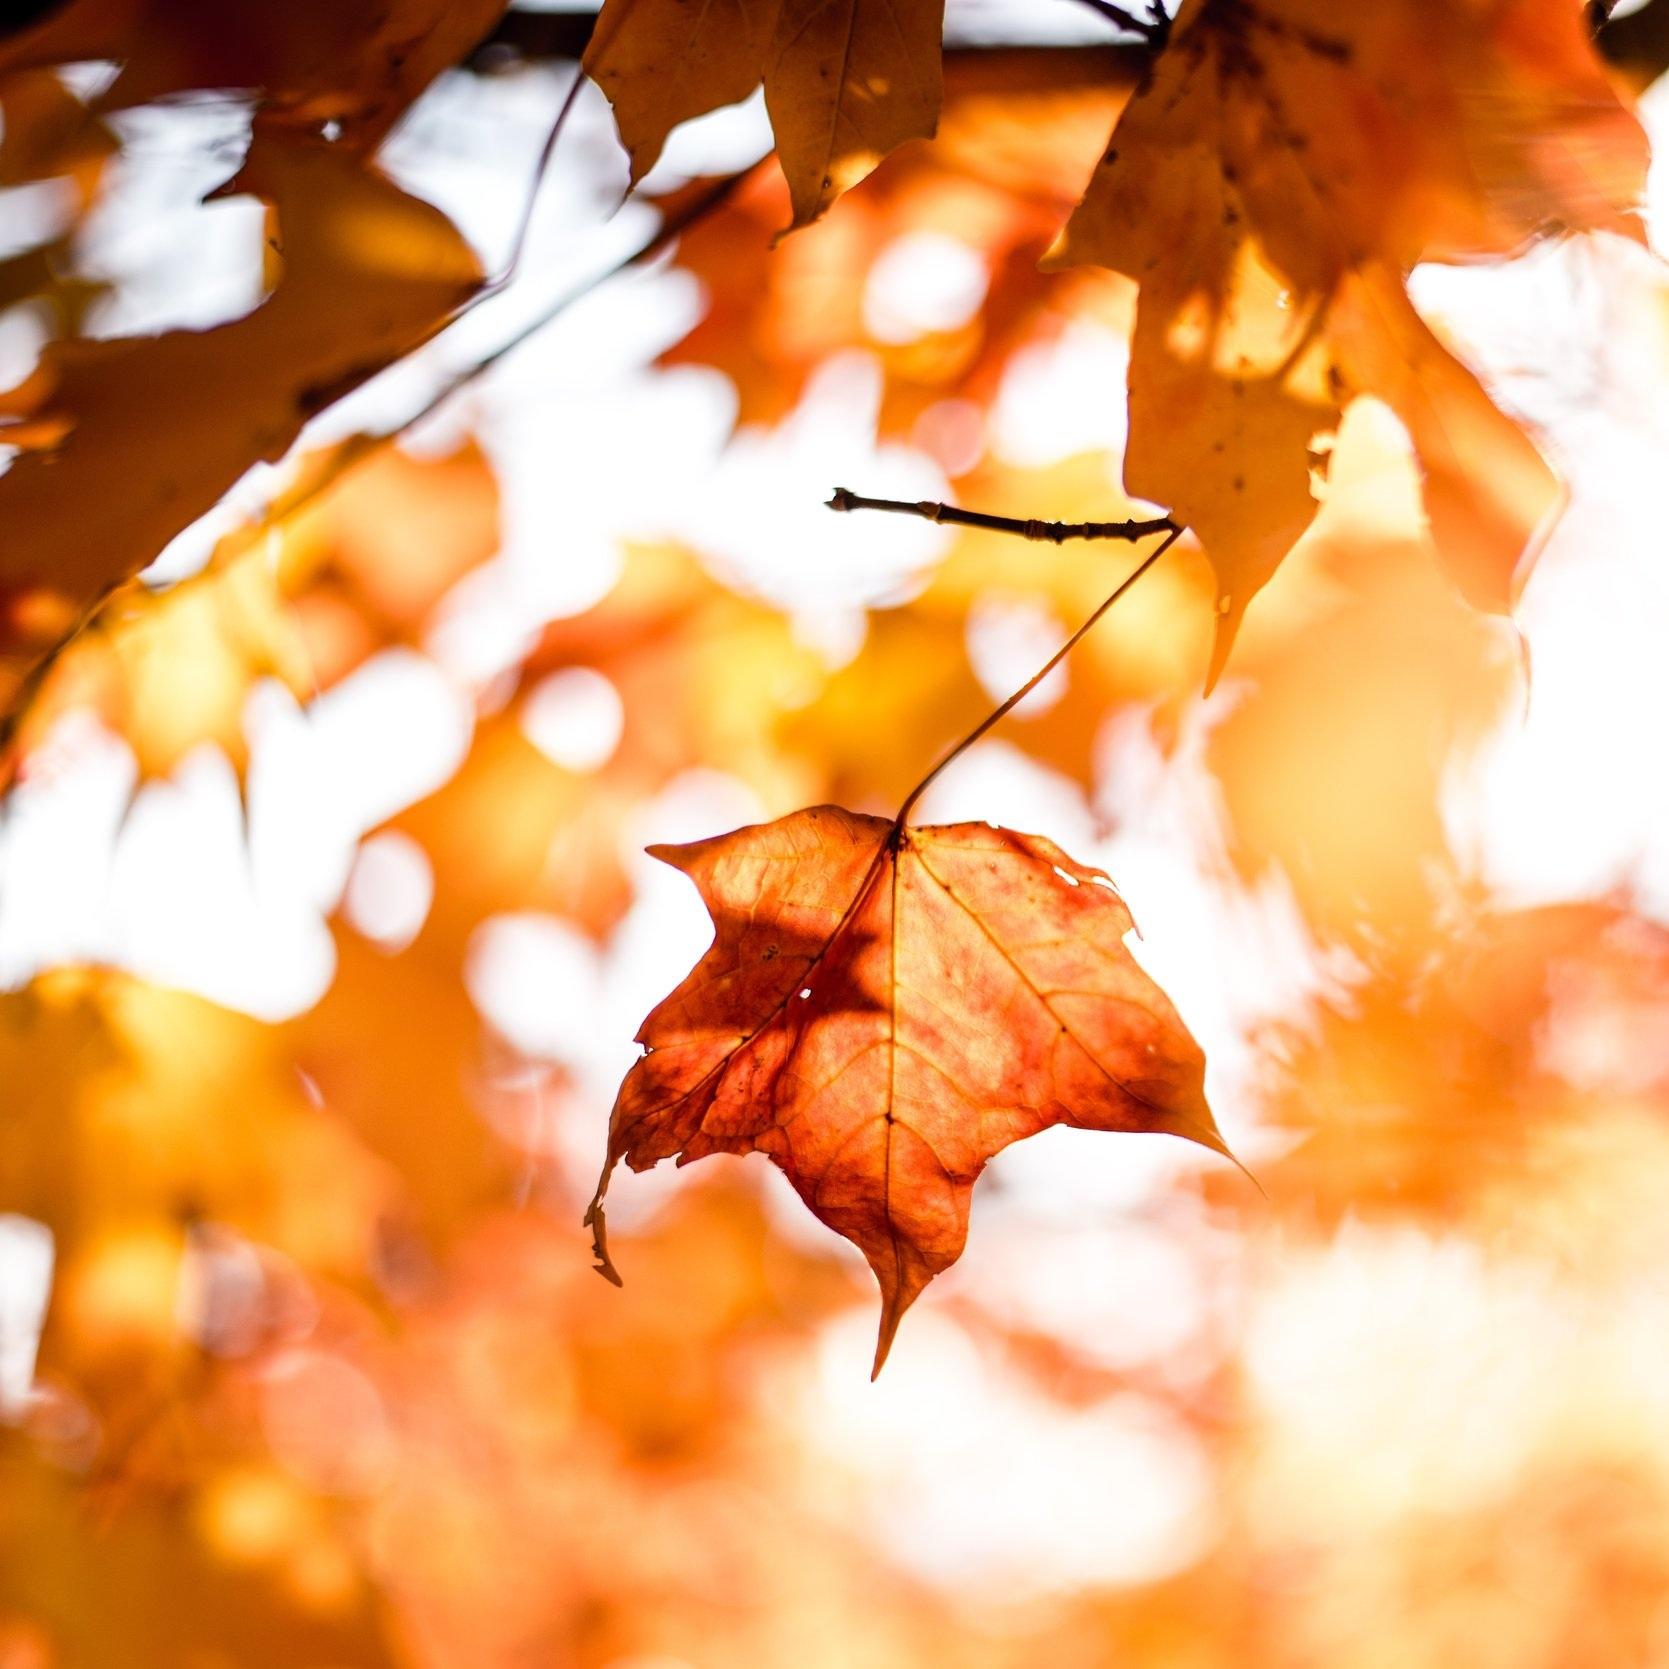 Tør du give slip? Brug efterårets visdom til at skabe balance i dit liv